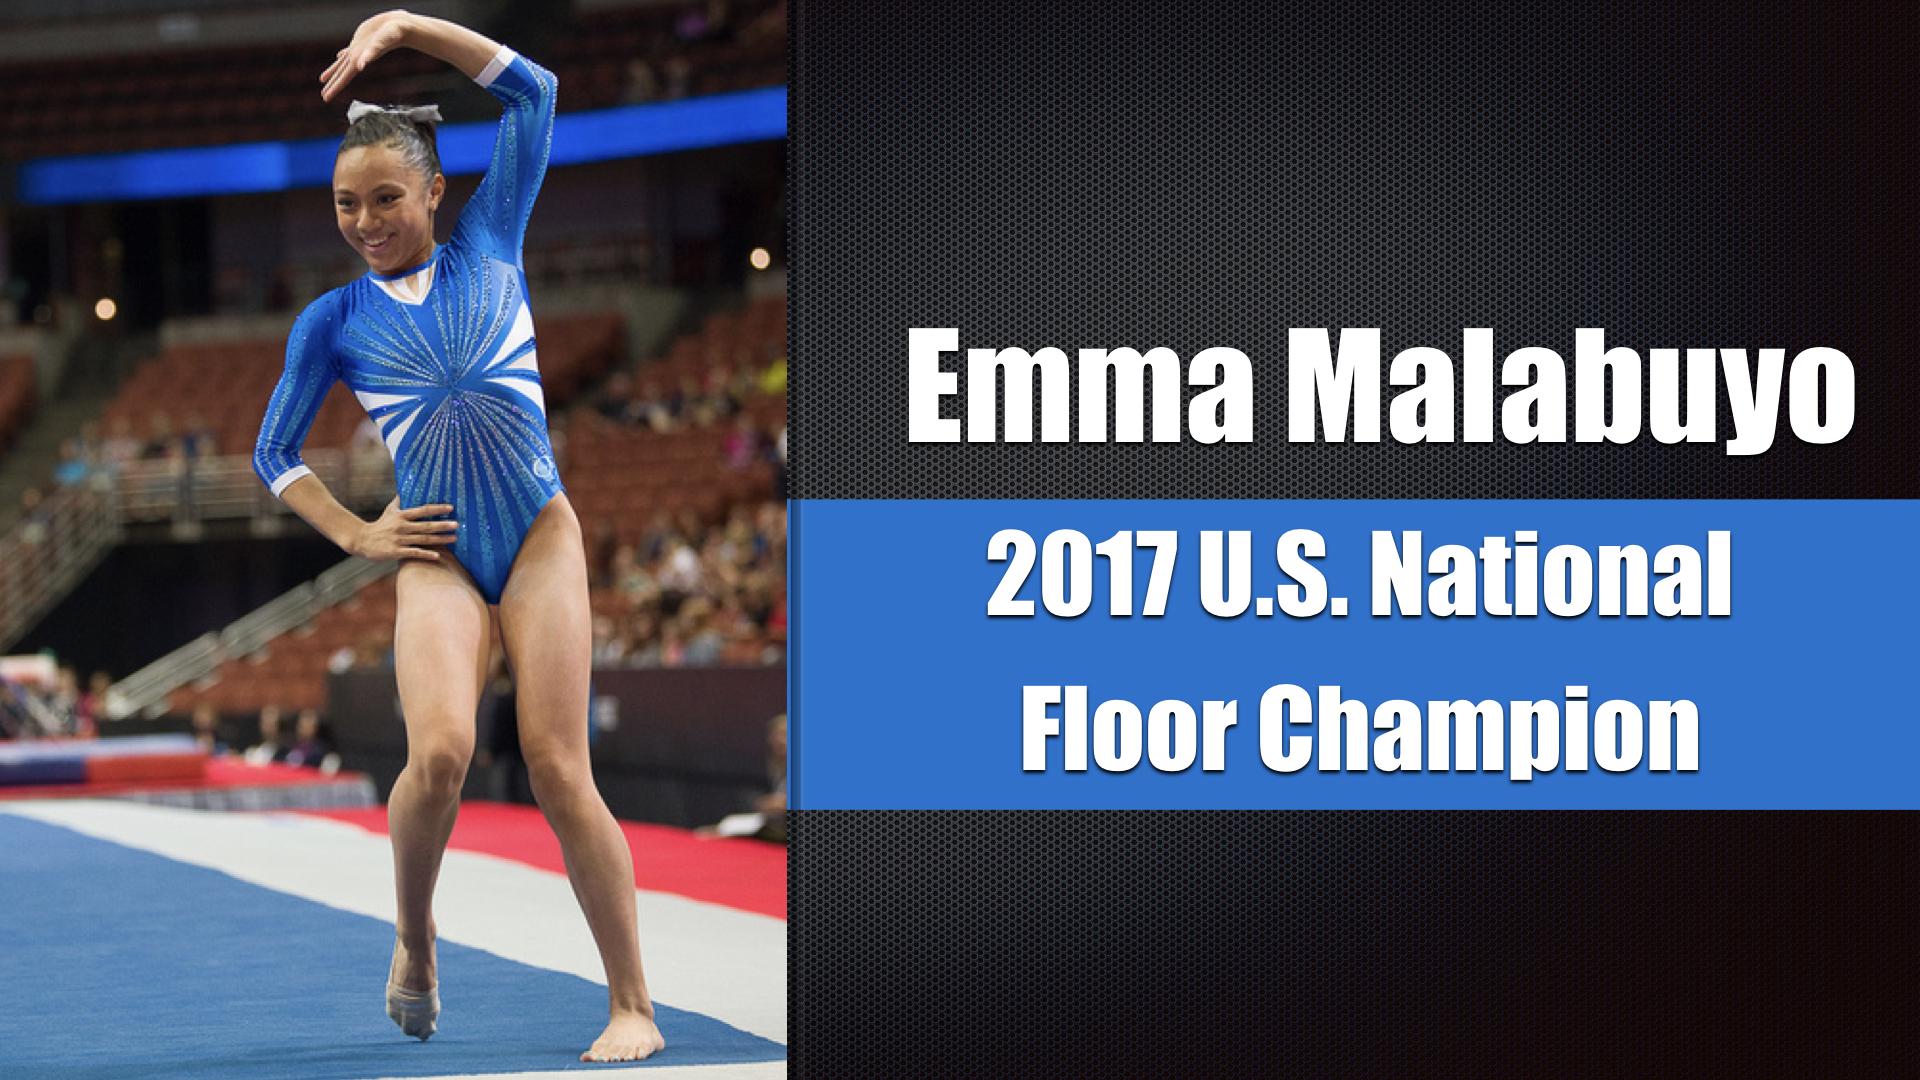 Emma Malabuyo